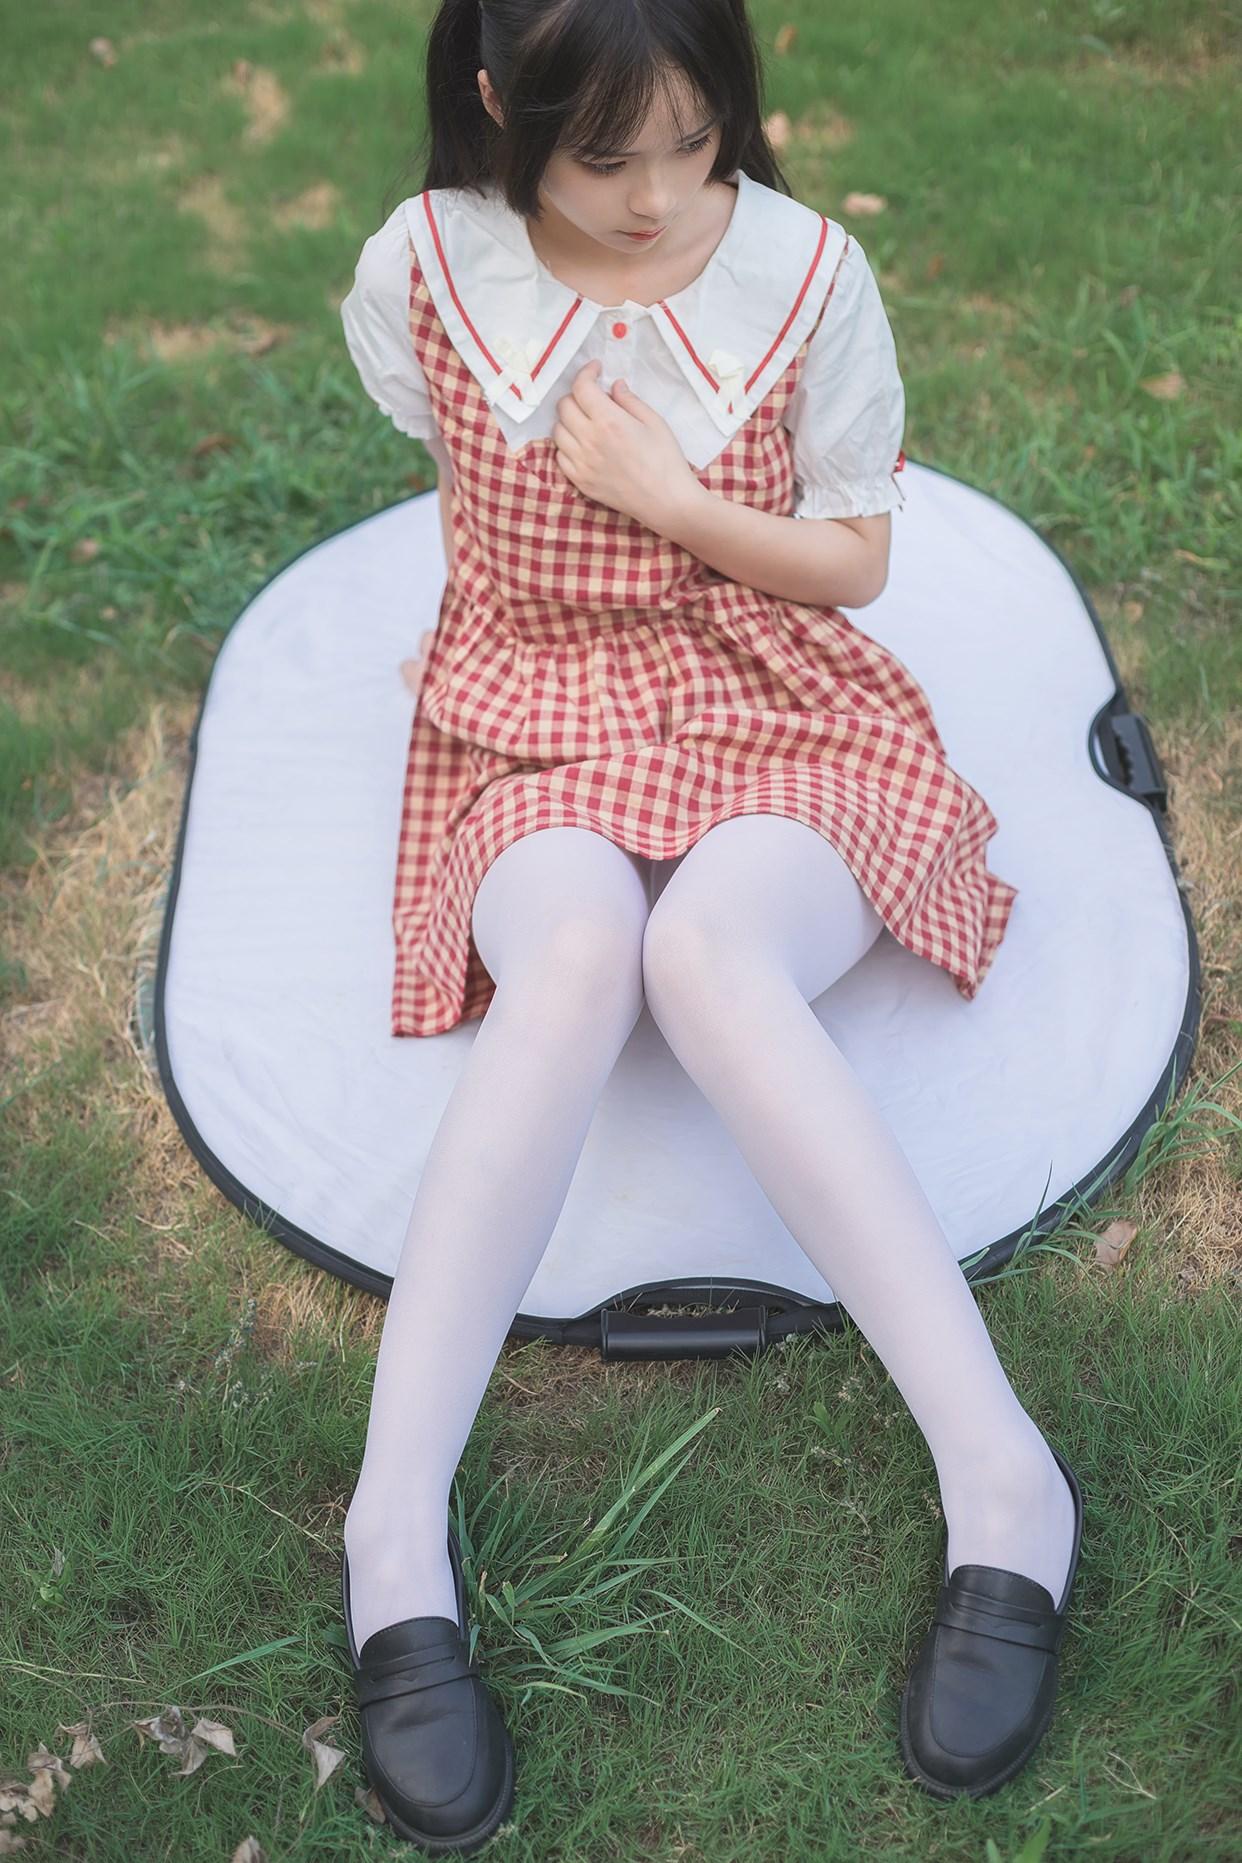 【兔玩映画】萝莉的白丝袜 兔玩映画 第1张